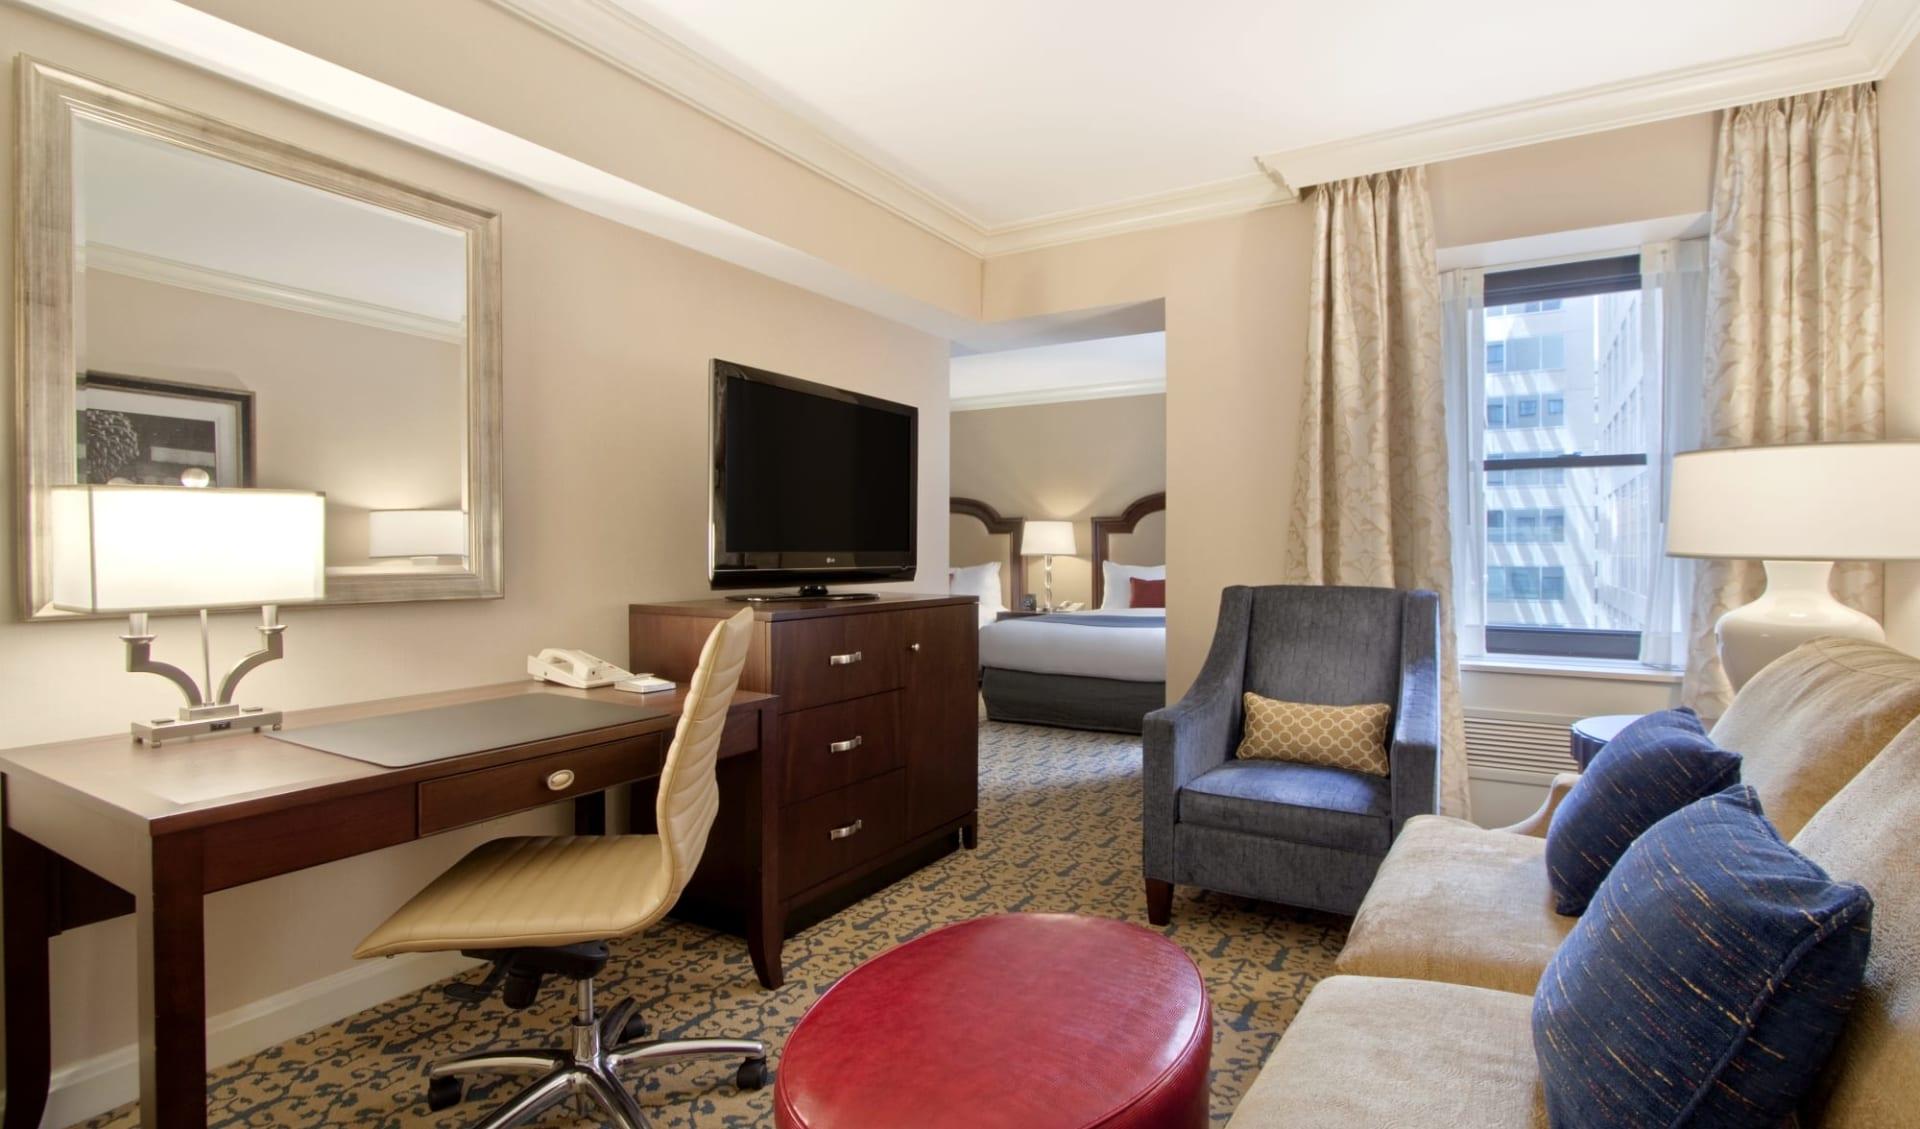 Capital Hilton in Washington D.C.:  Capital hilton - 675682_HR